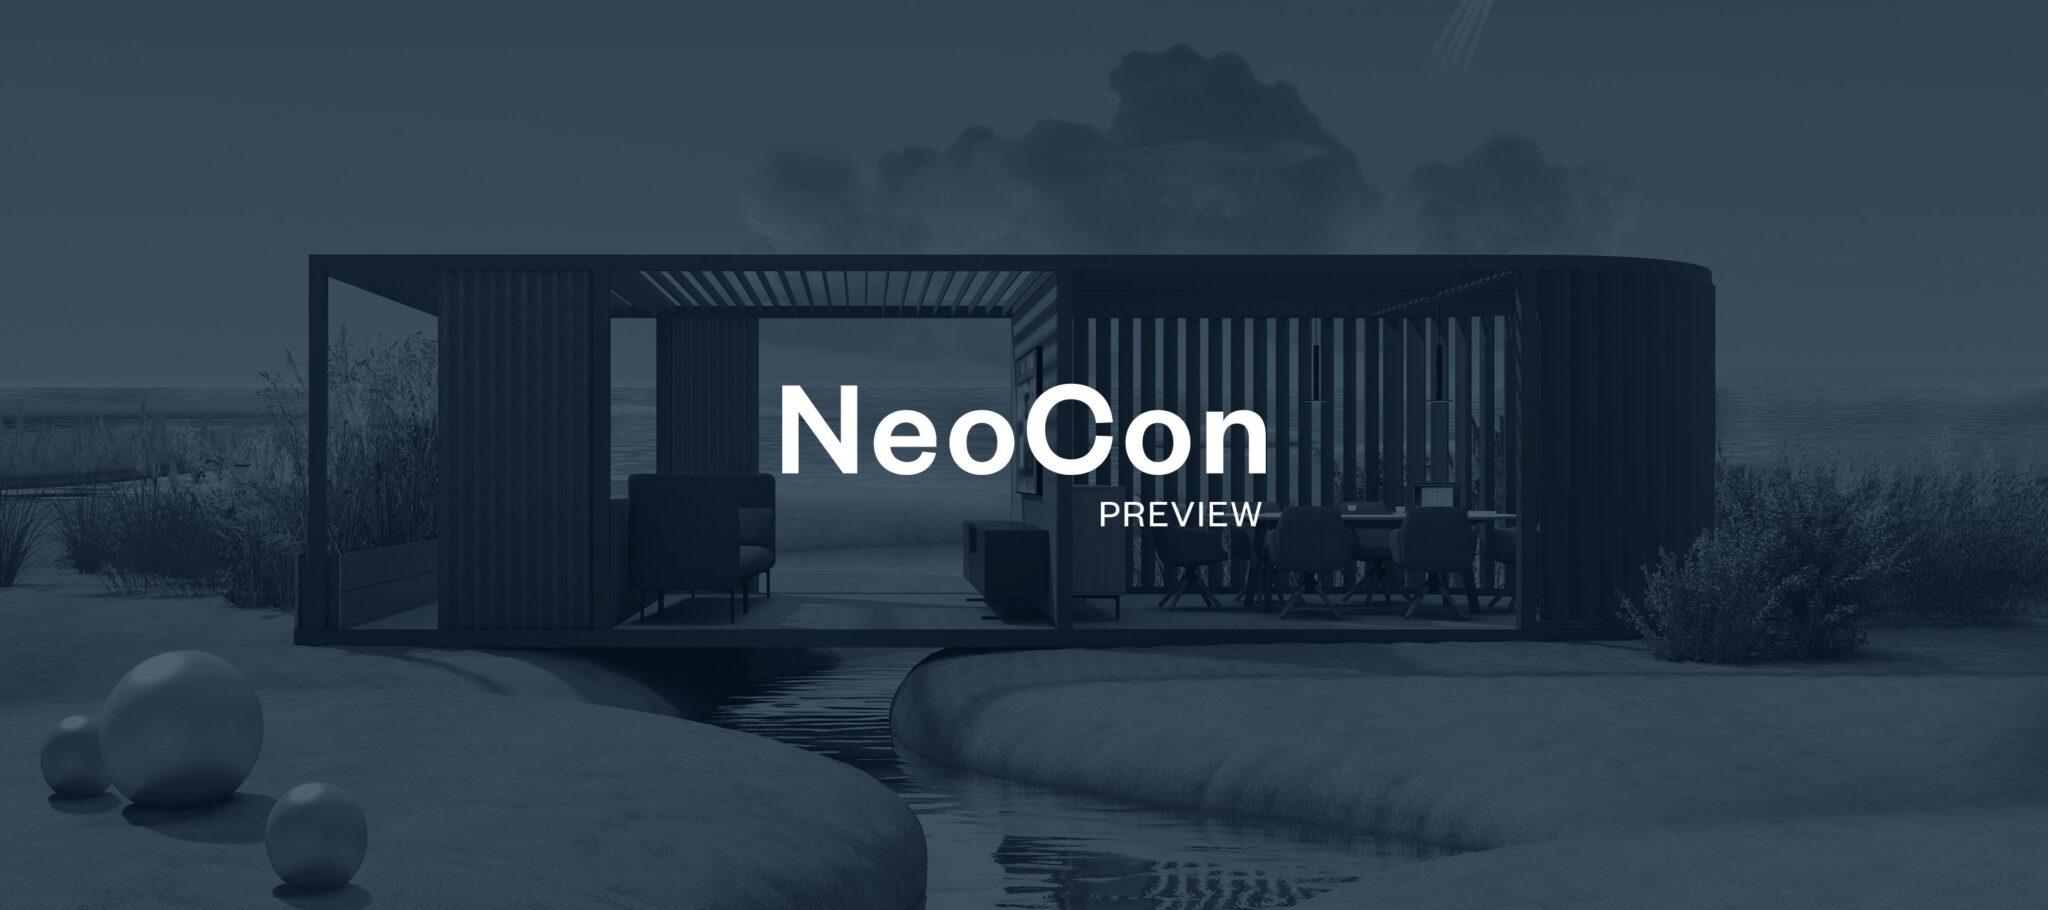 Haworth Virtual Neocon 2021 Wittigs office furniture interior design